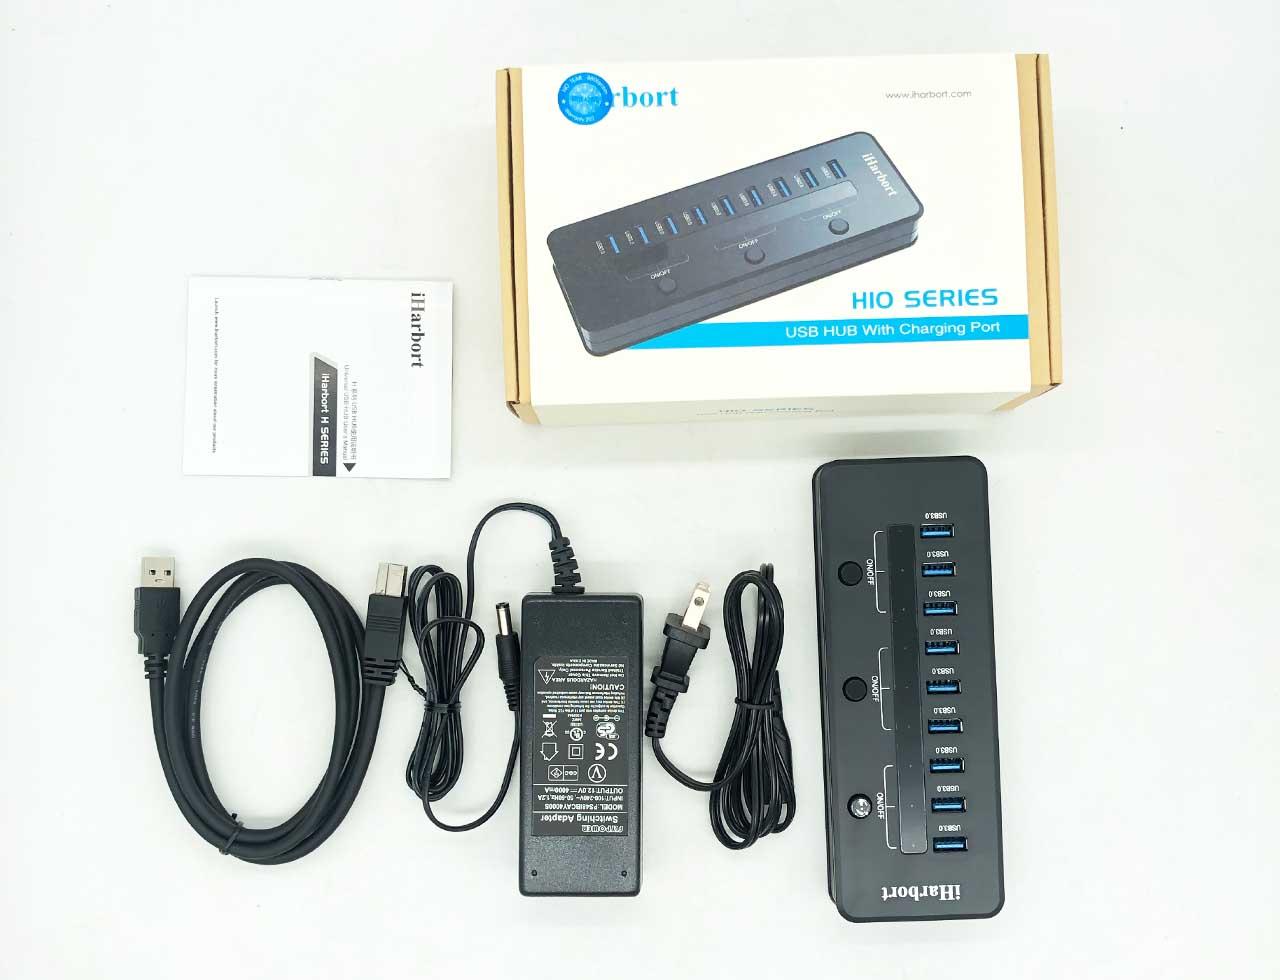 拆解iharbort 10口高5Gb/s USB3.0拓展器 带12V 4A电源 LED指示灯集线器 VIA VL812-Q7芯片组 分线器 1.2延长线